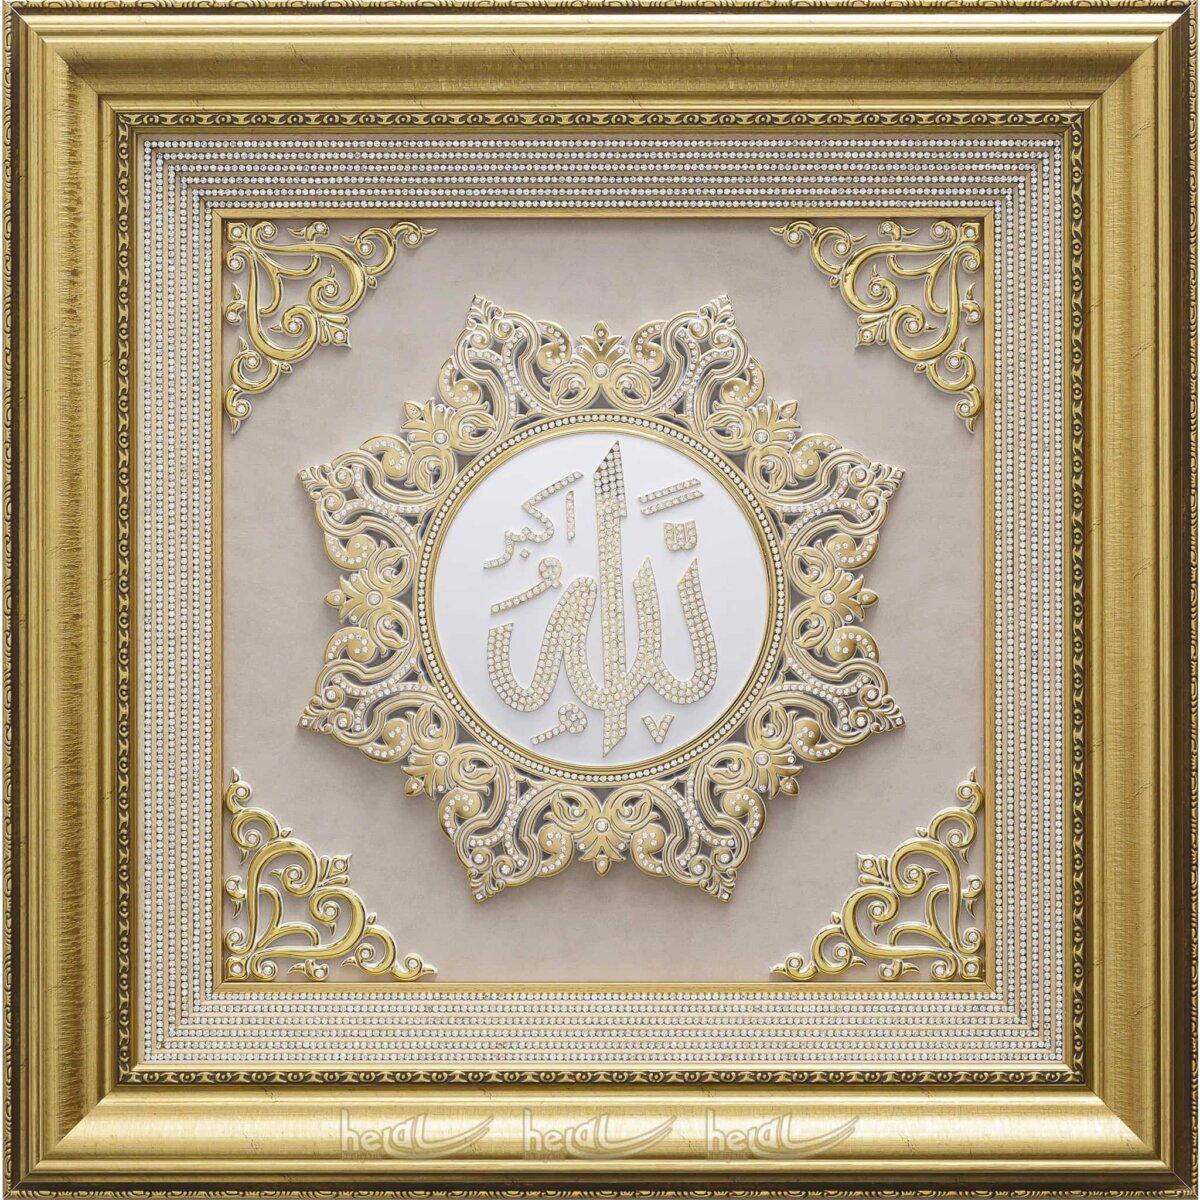 72x72cm İsmi Celil Allah cc. Lafzı Paspartusu Swarovski Taşlı Büyük Lüks Çerçeve Tablo Ayetli Tablolar